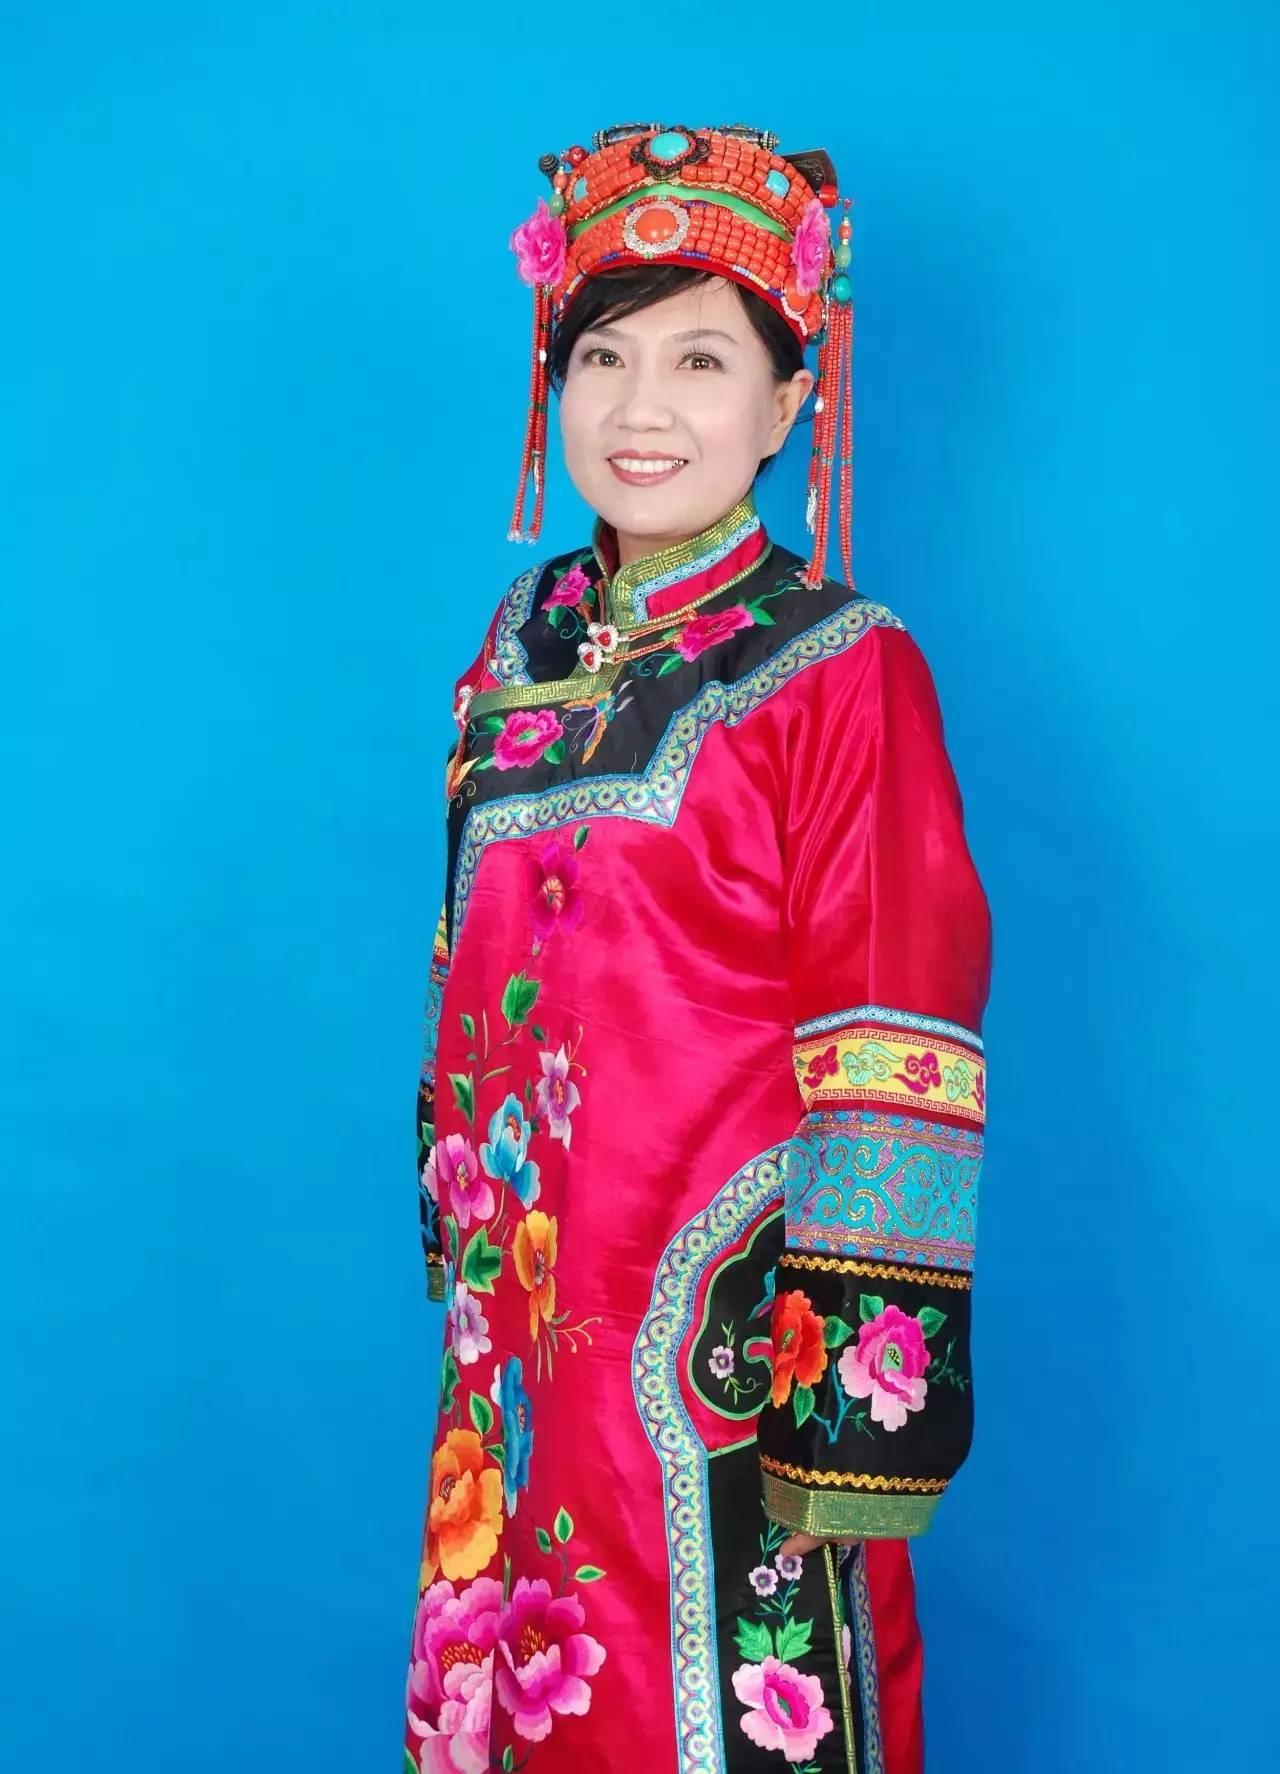 蒙古族刺绣非遗传承人——万花 第26张